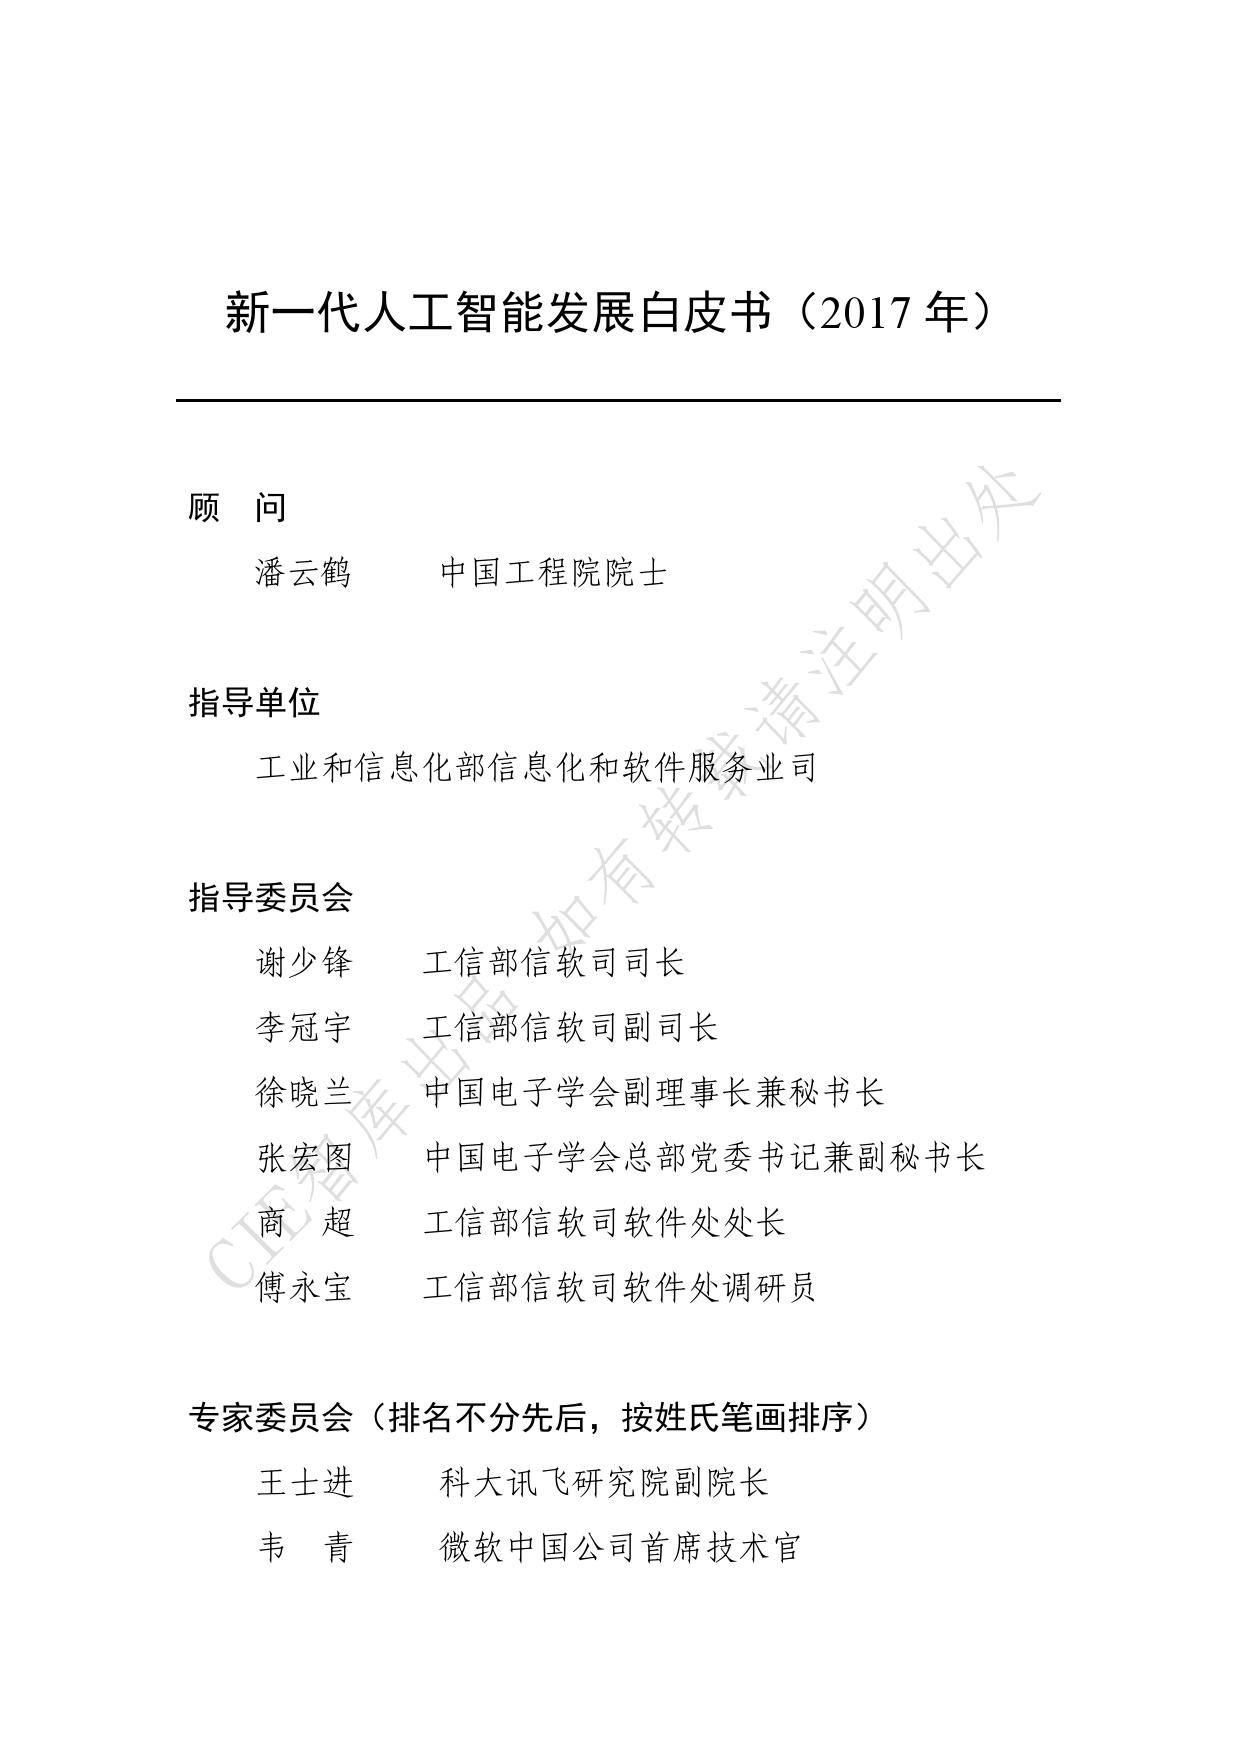 中国电子学会&CIE智库:2017新一代人工智能发展白皮书(附下载)